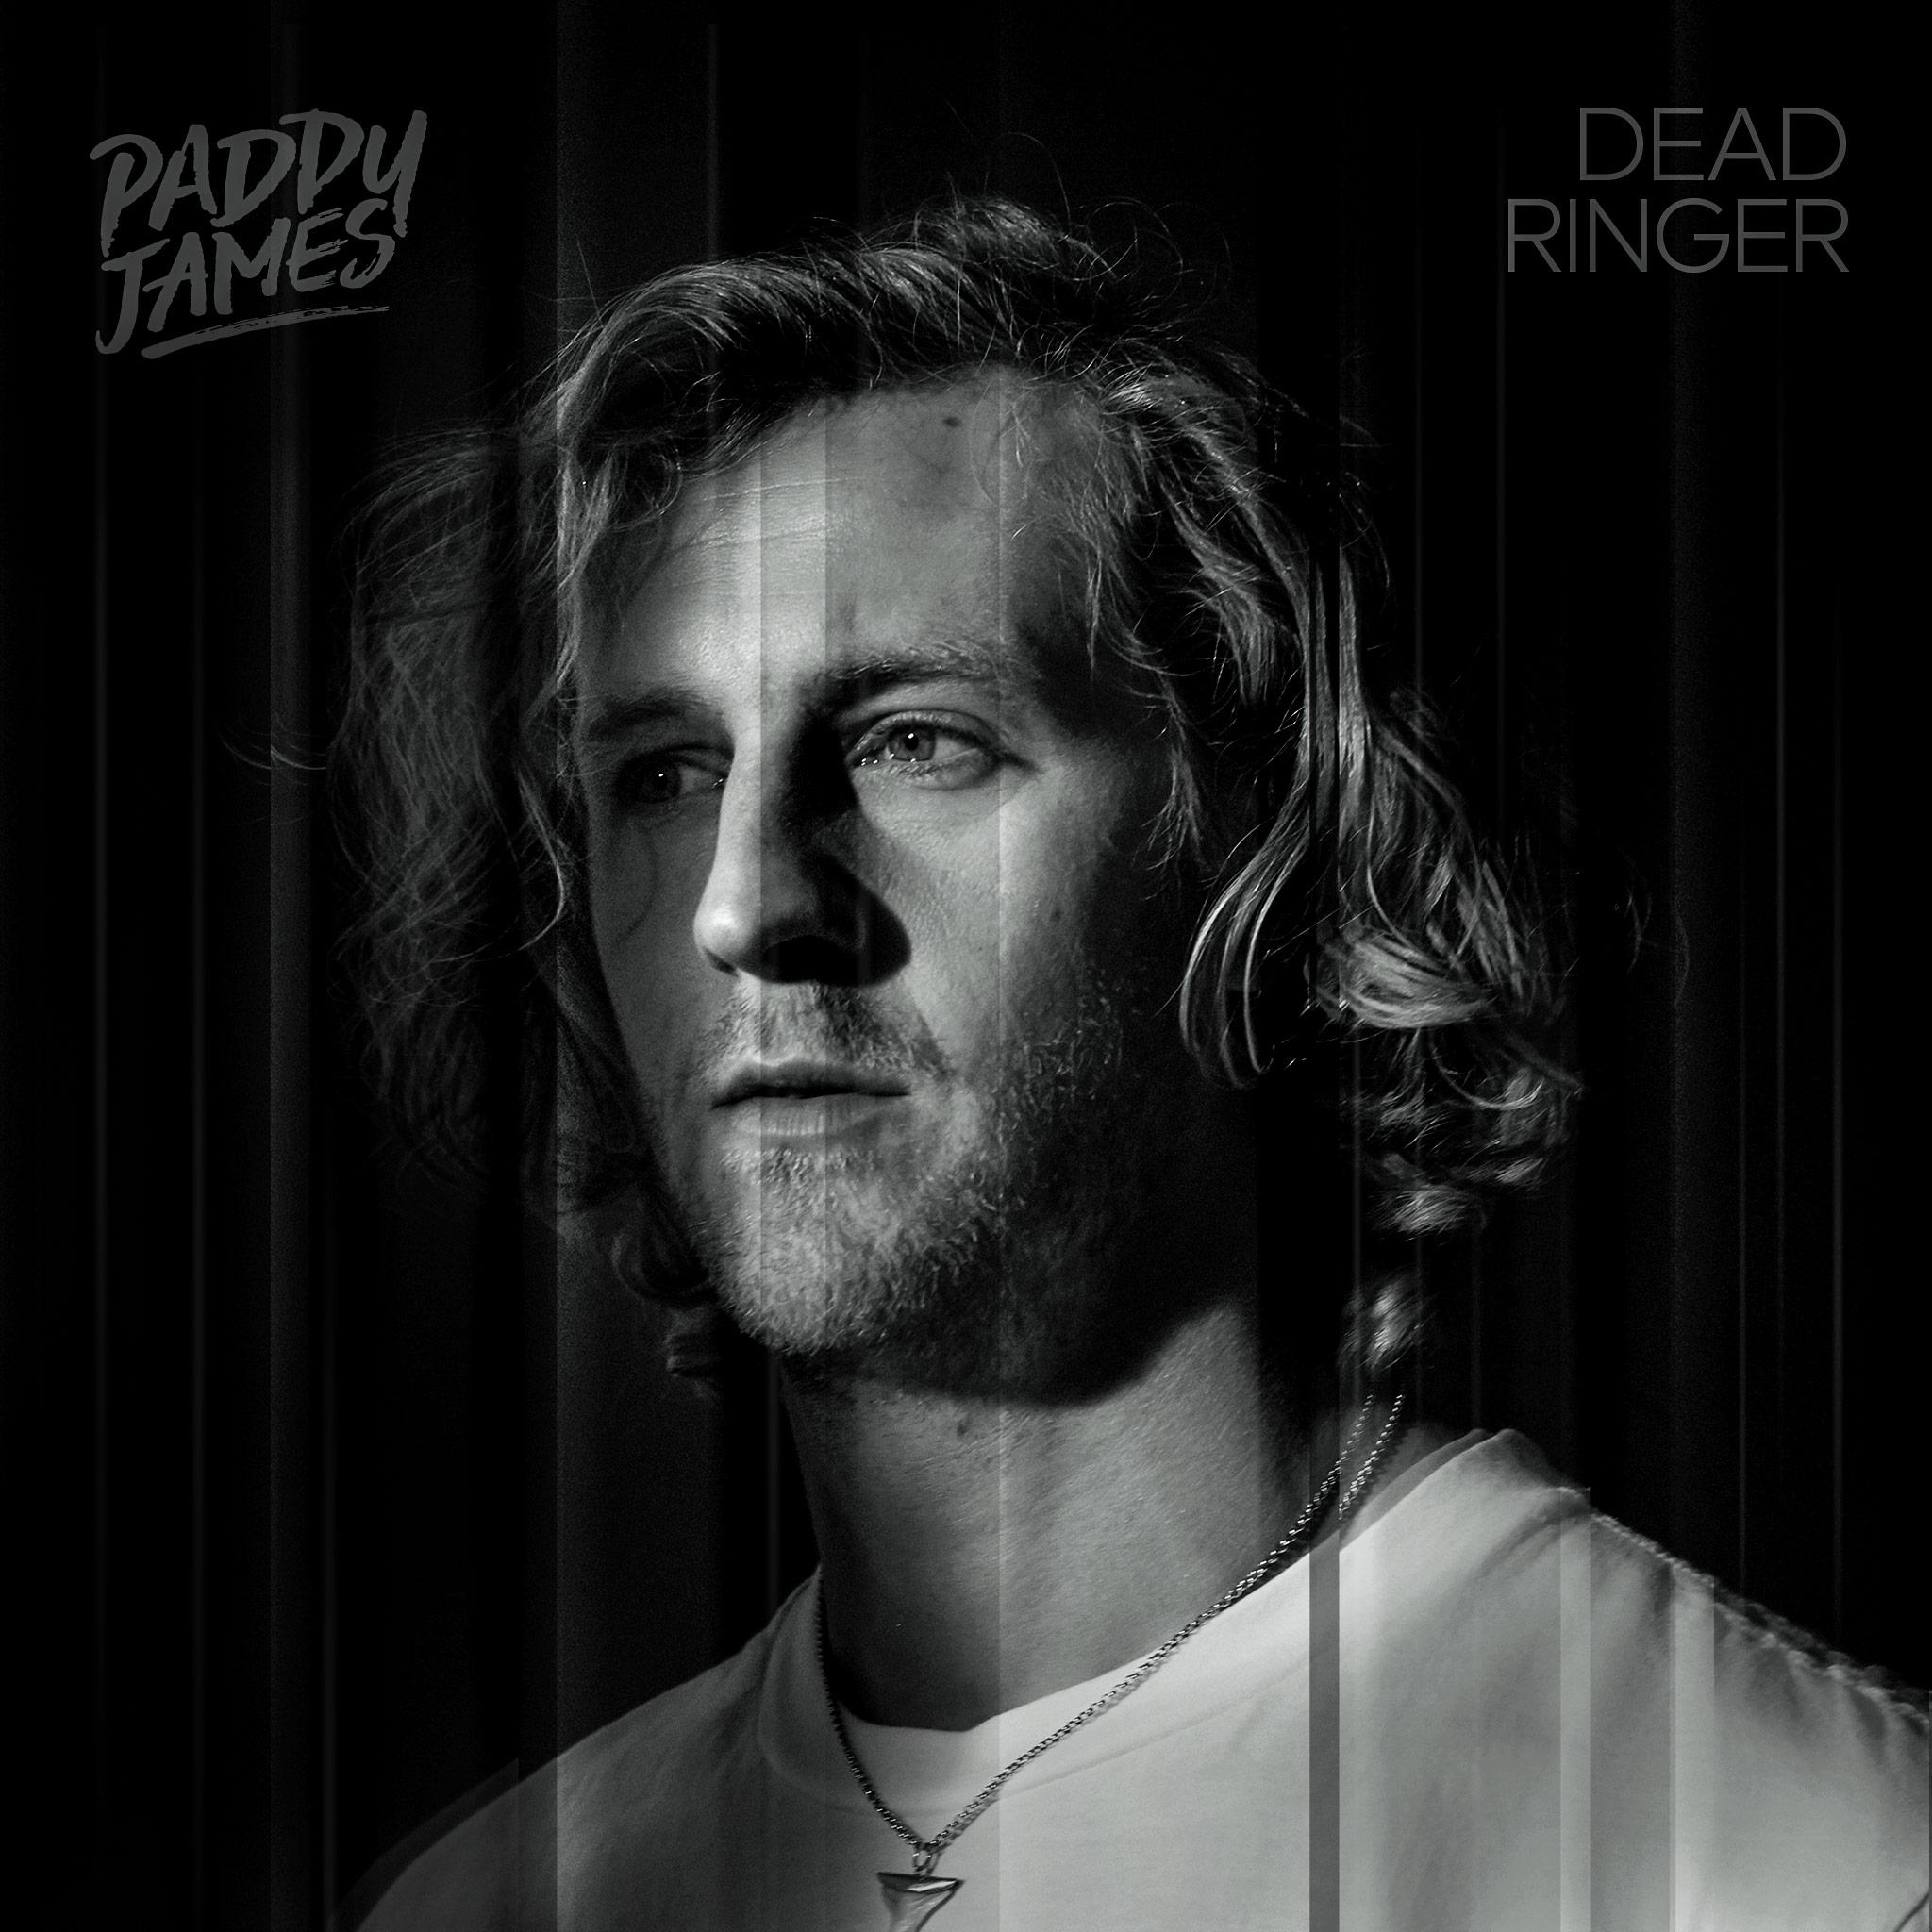 Dead Ringer - Paddy James